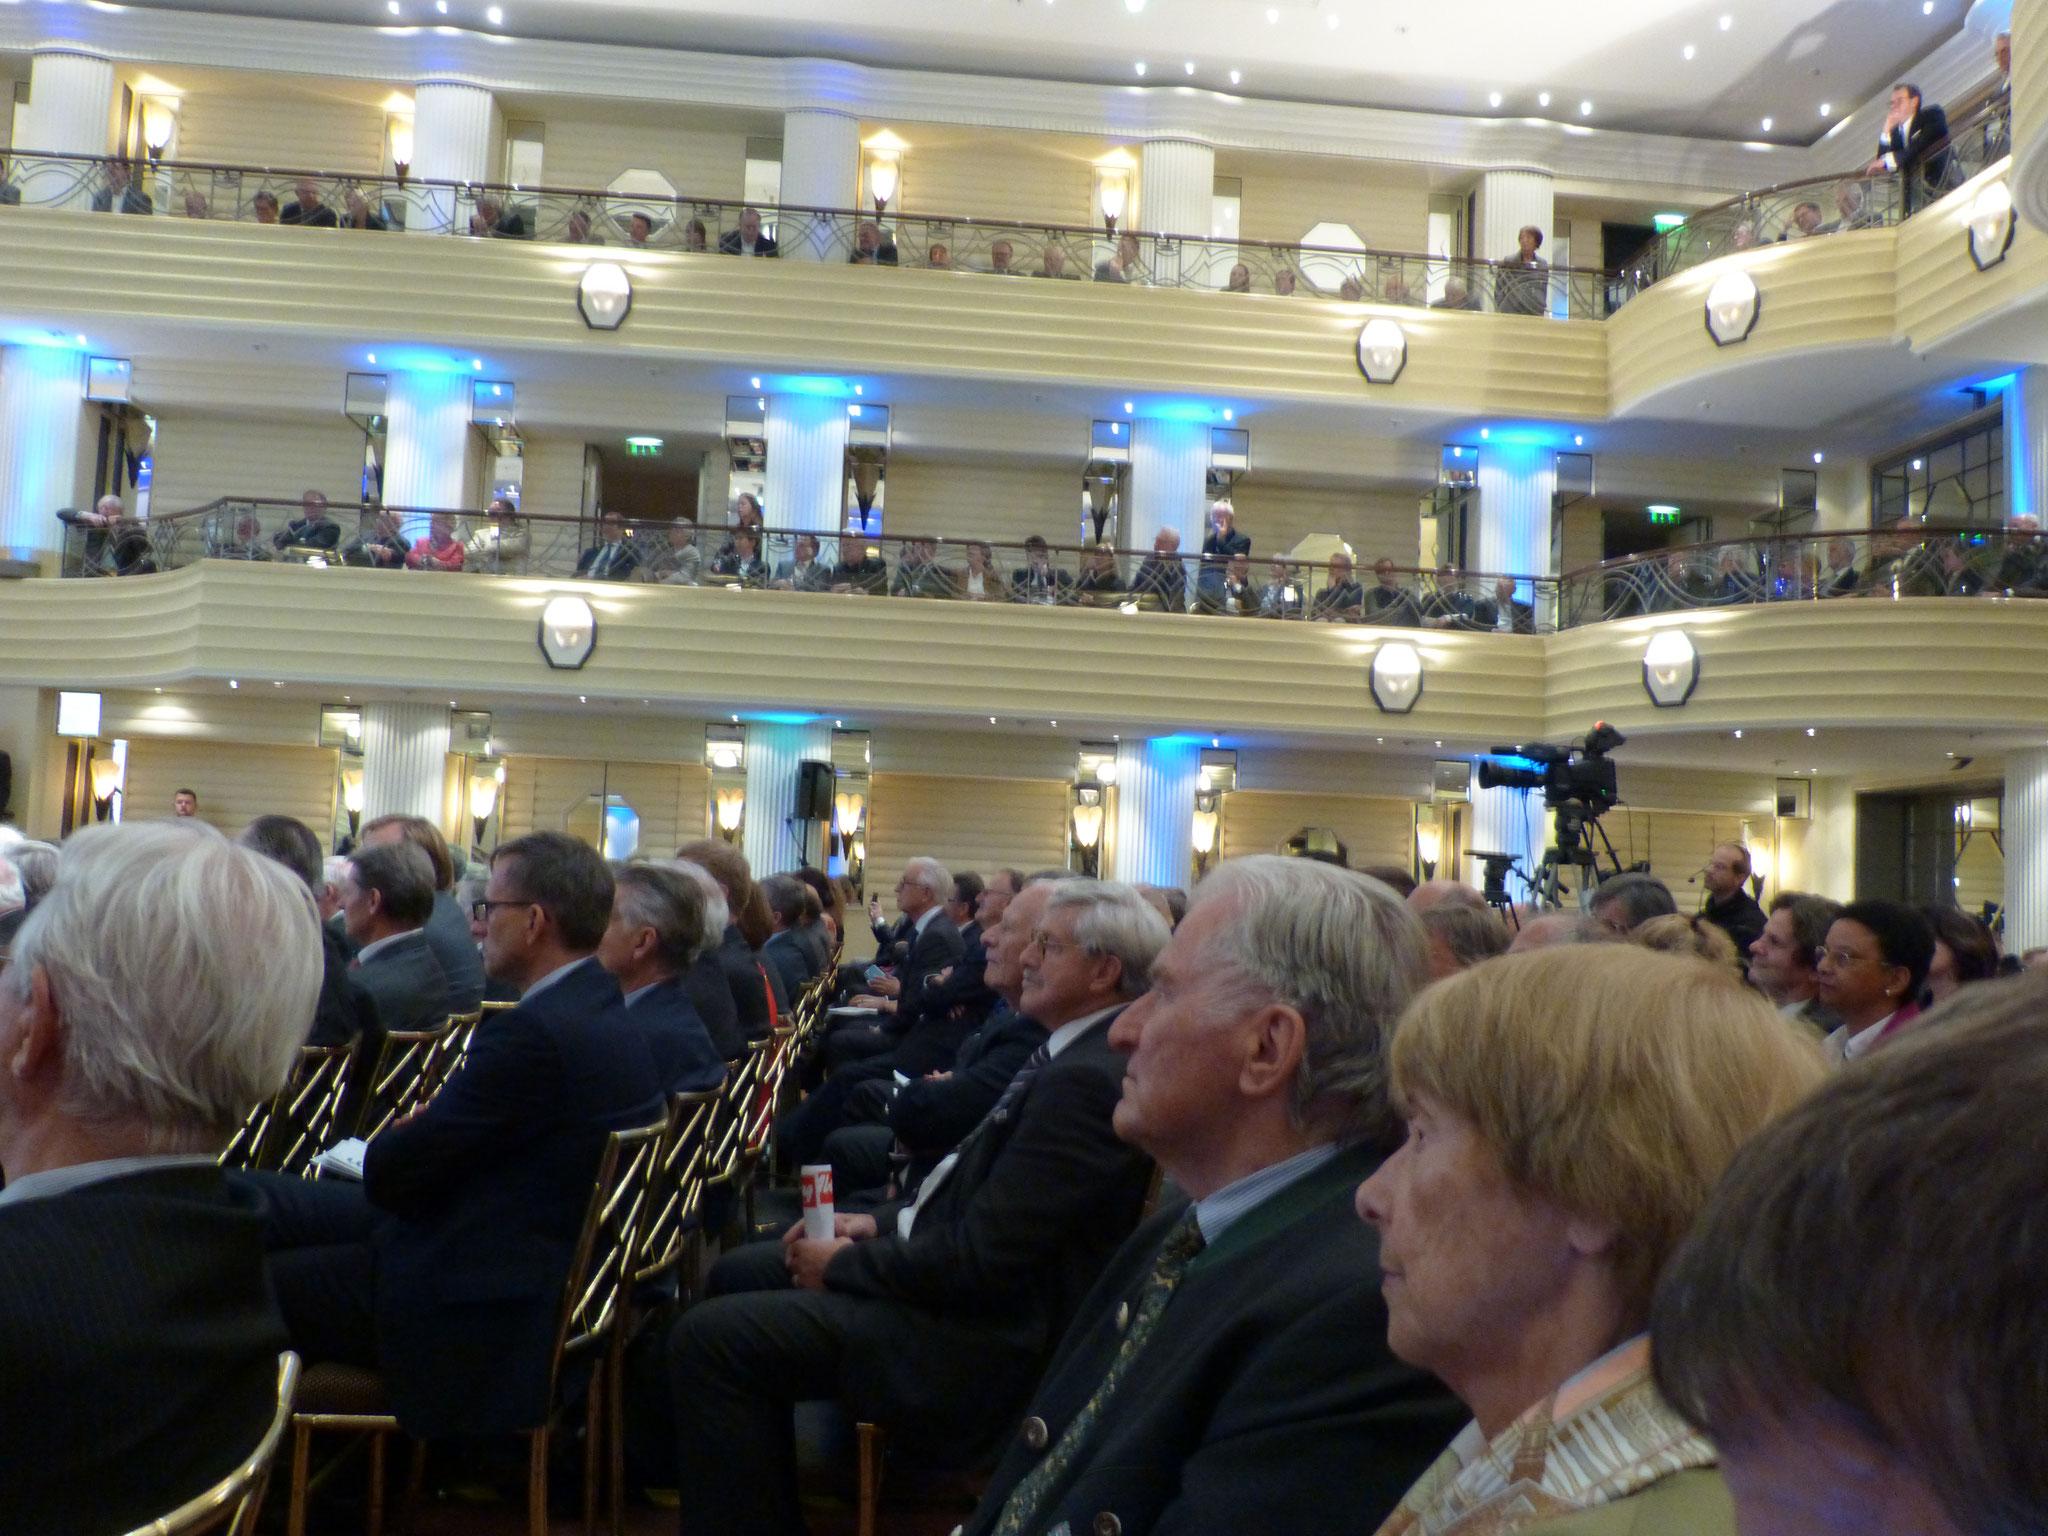 Die Mitglieder des Wirtschaftsbeirates der Union hören der Rede von Frau Dr. Ursula von der Leyen aufmerksam zu